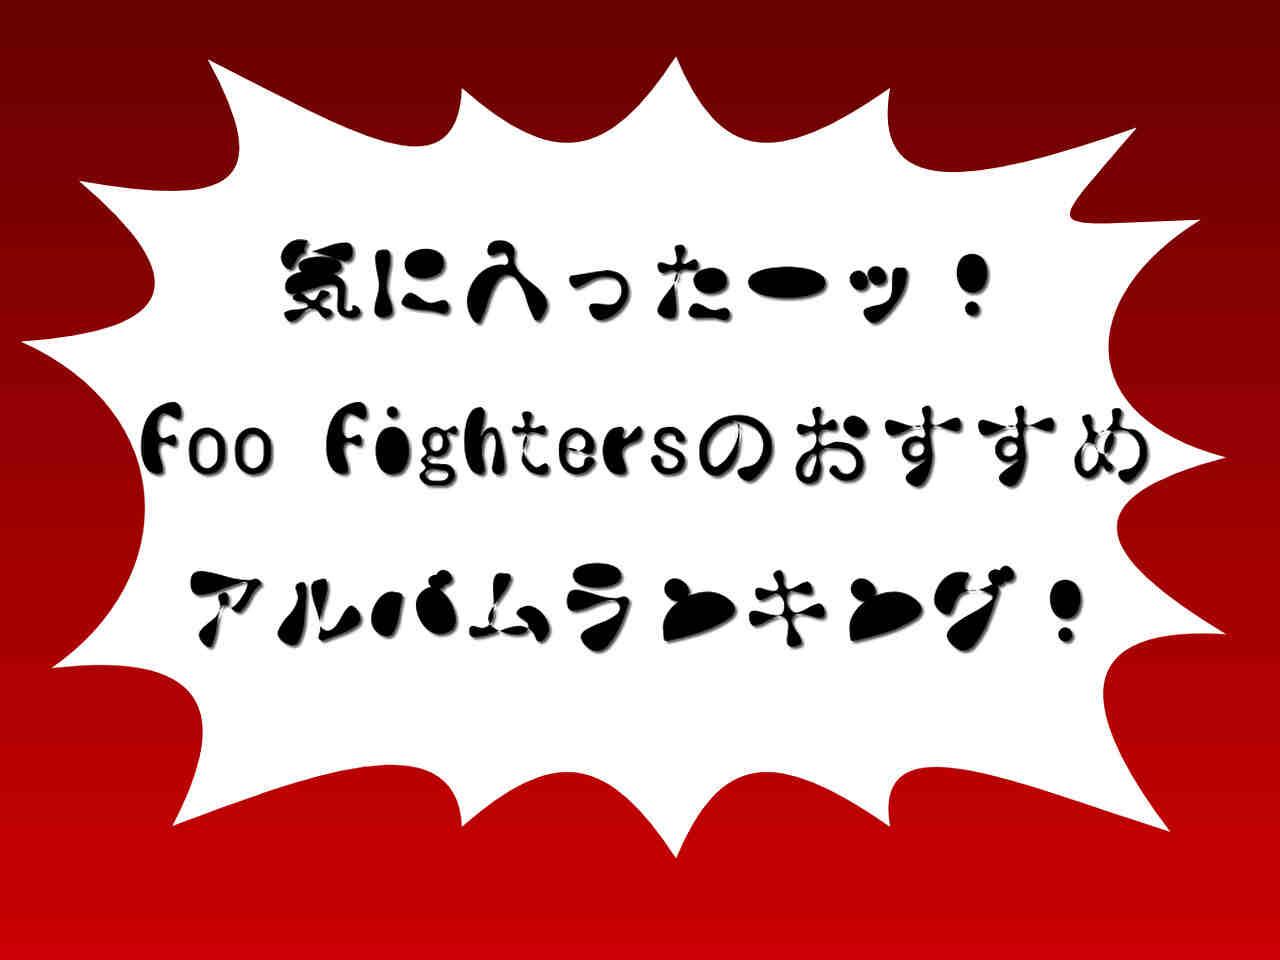 Foo Fightersのおすすめアルバムランキング